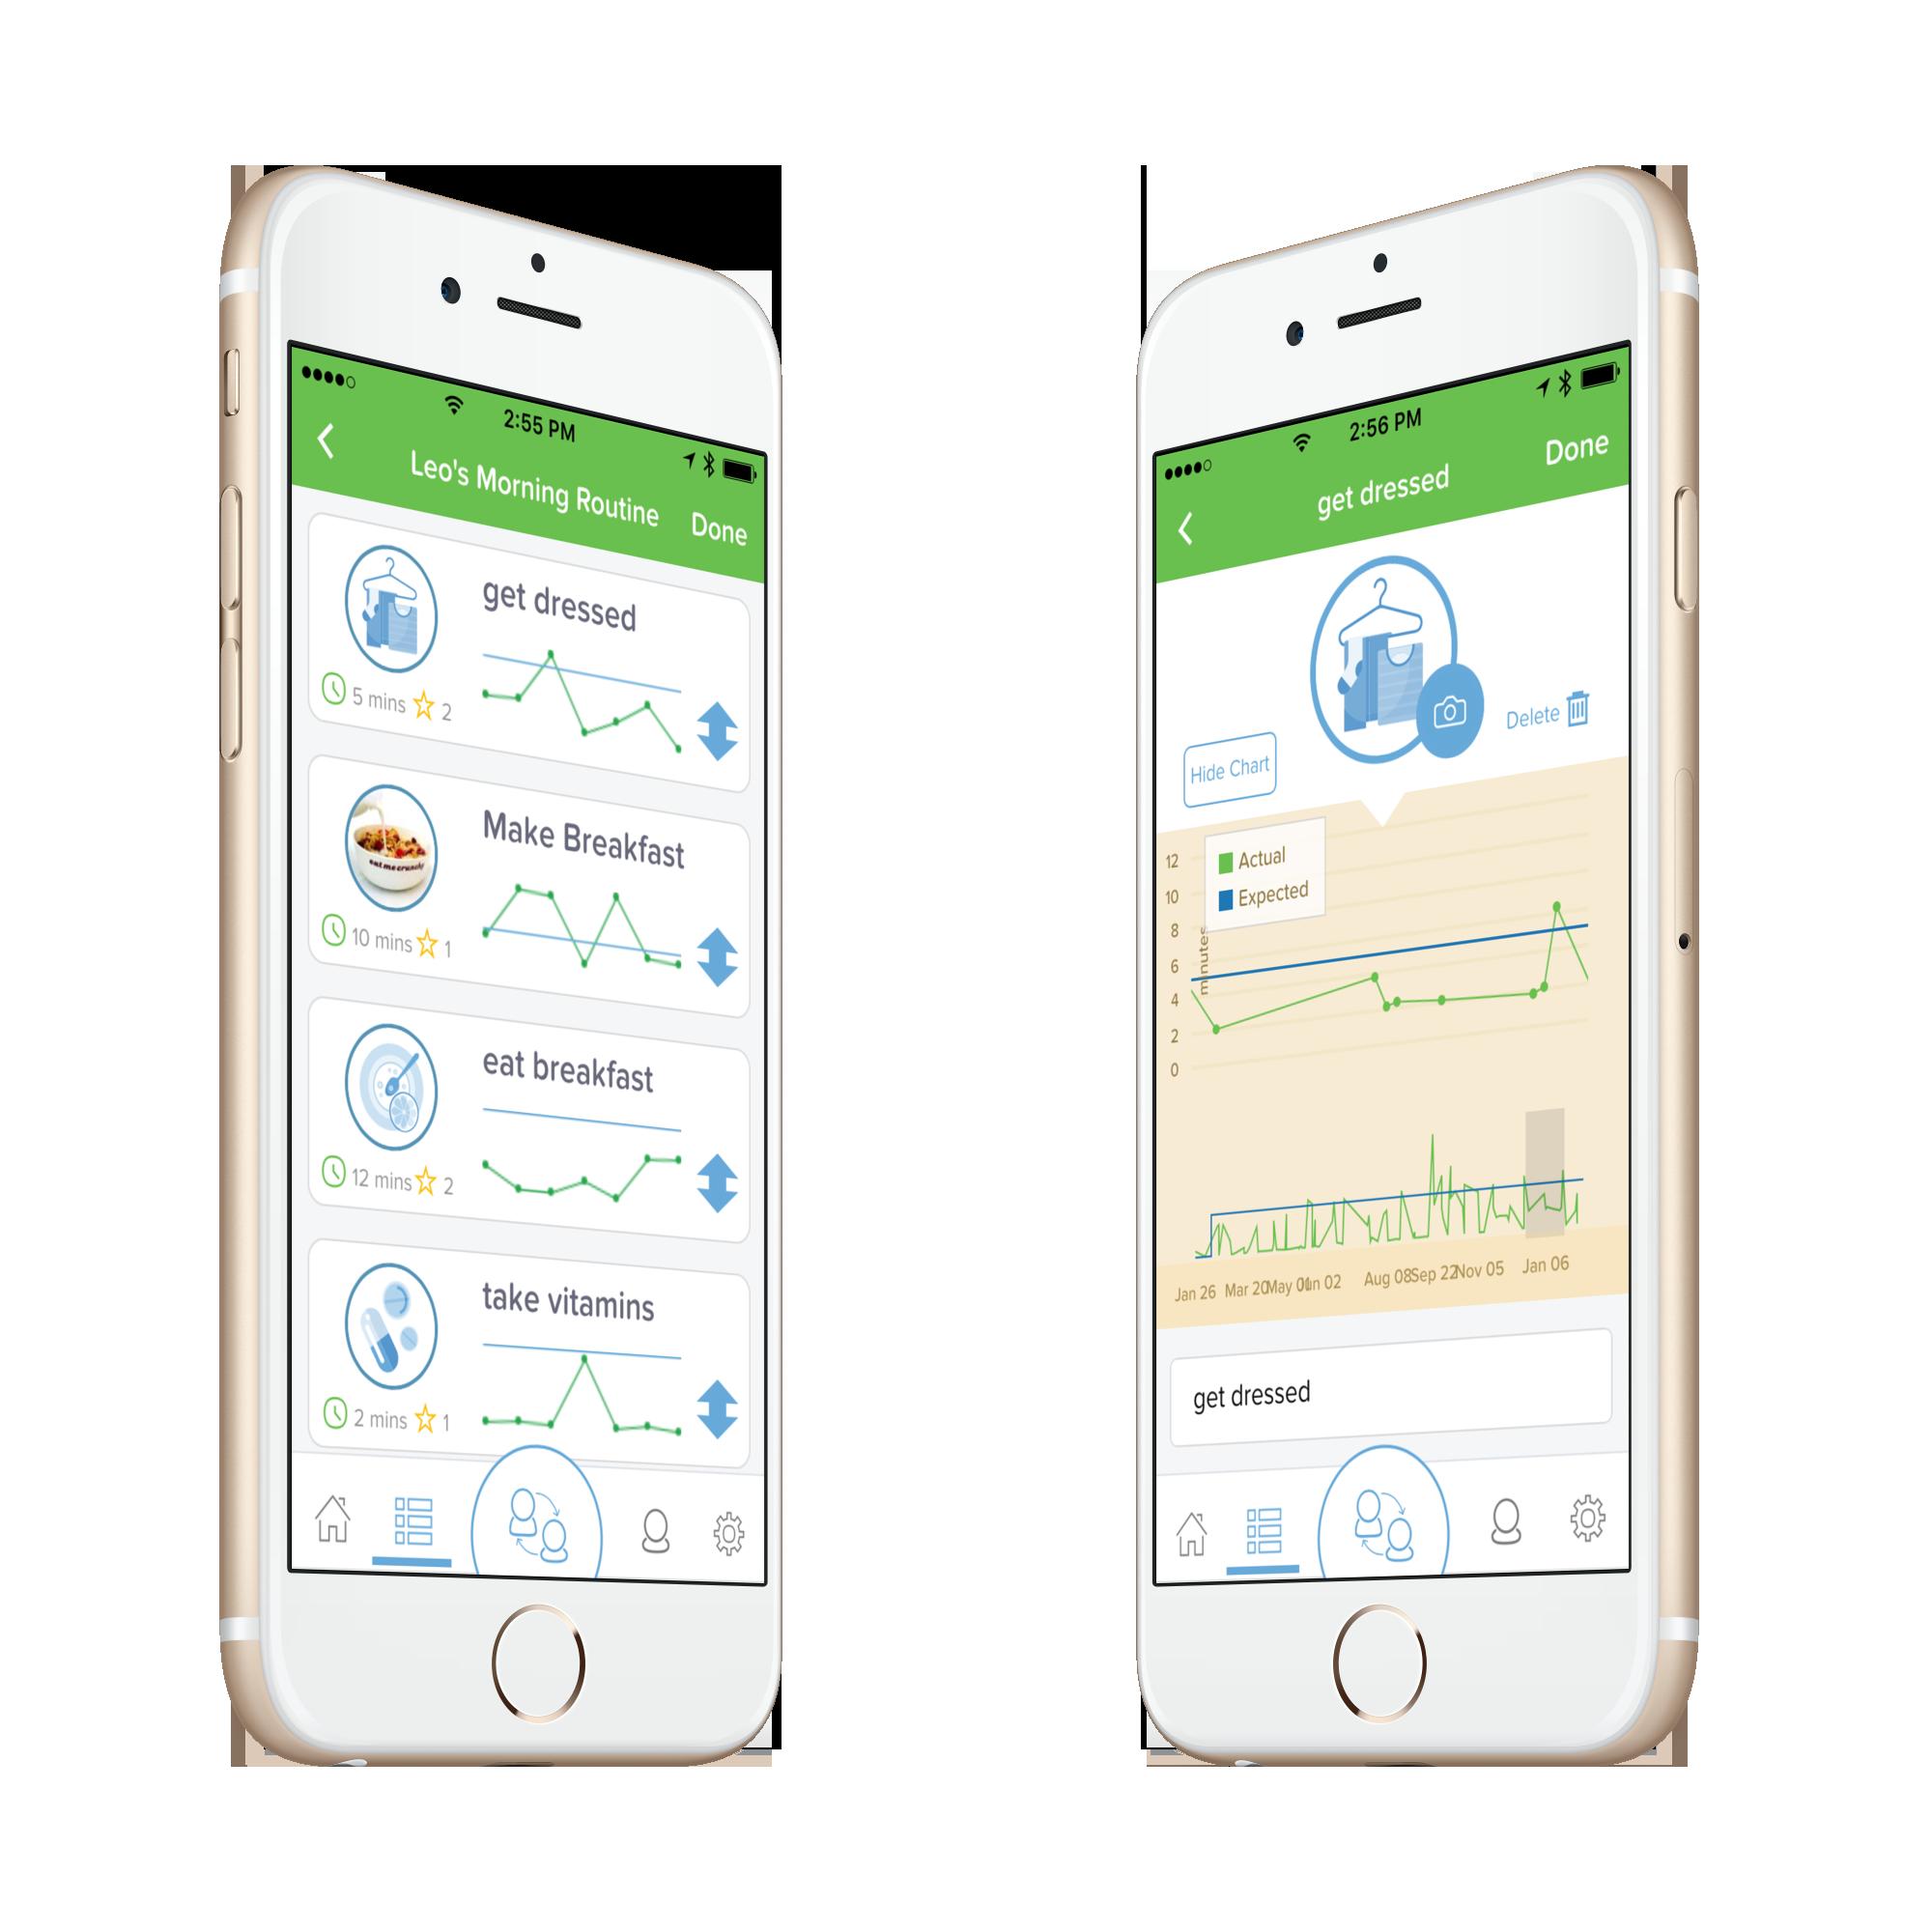 Brili Extra permet une comparaison entre le temps estimé et réel pour chaque tâche